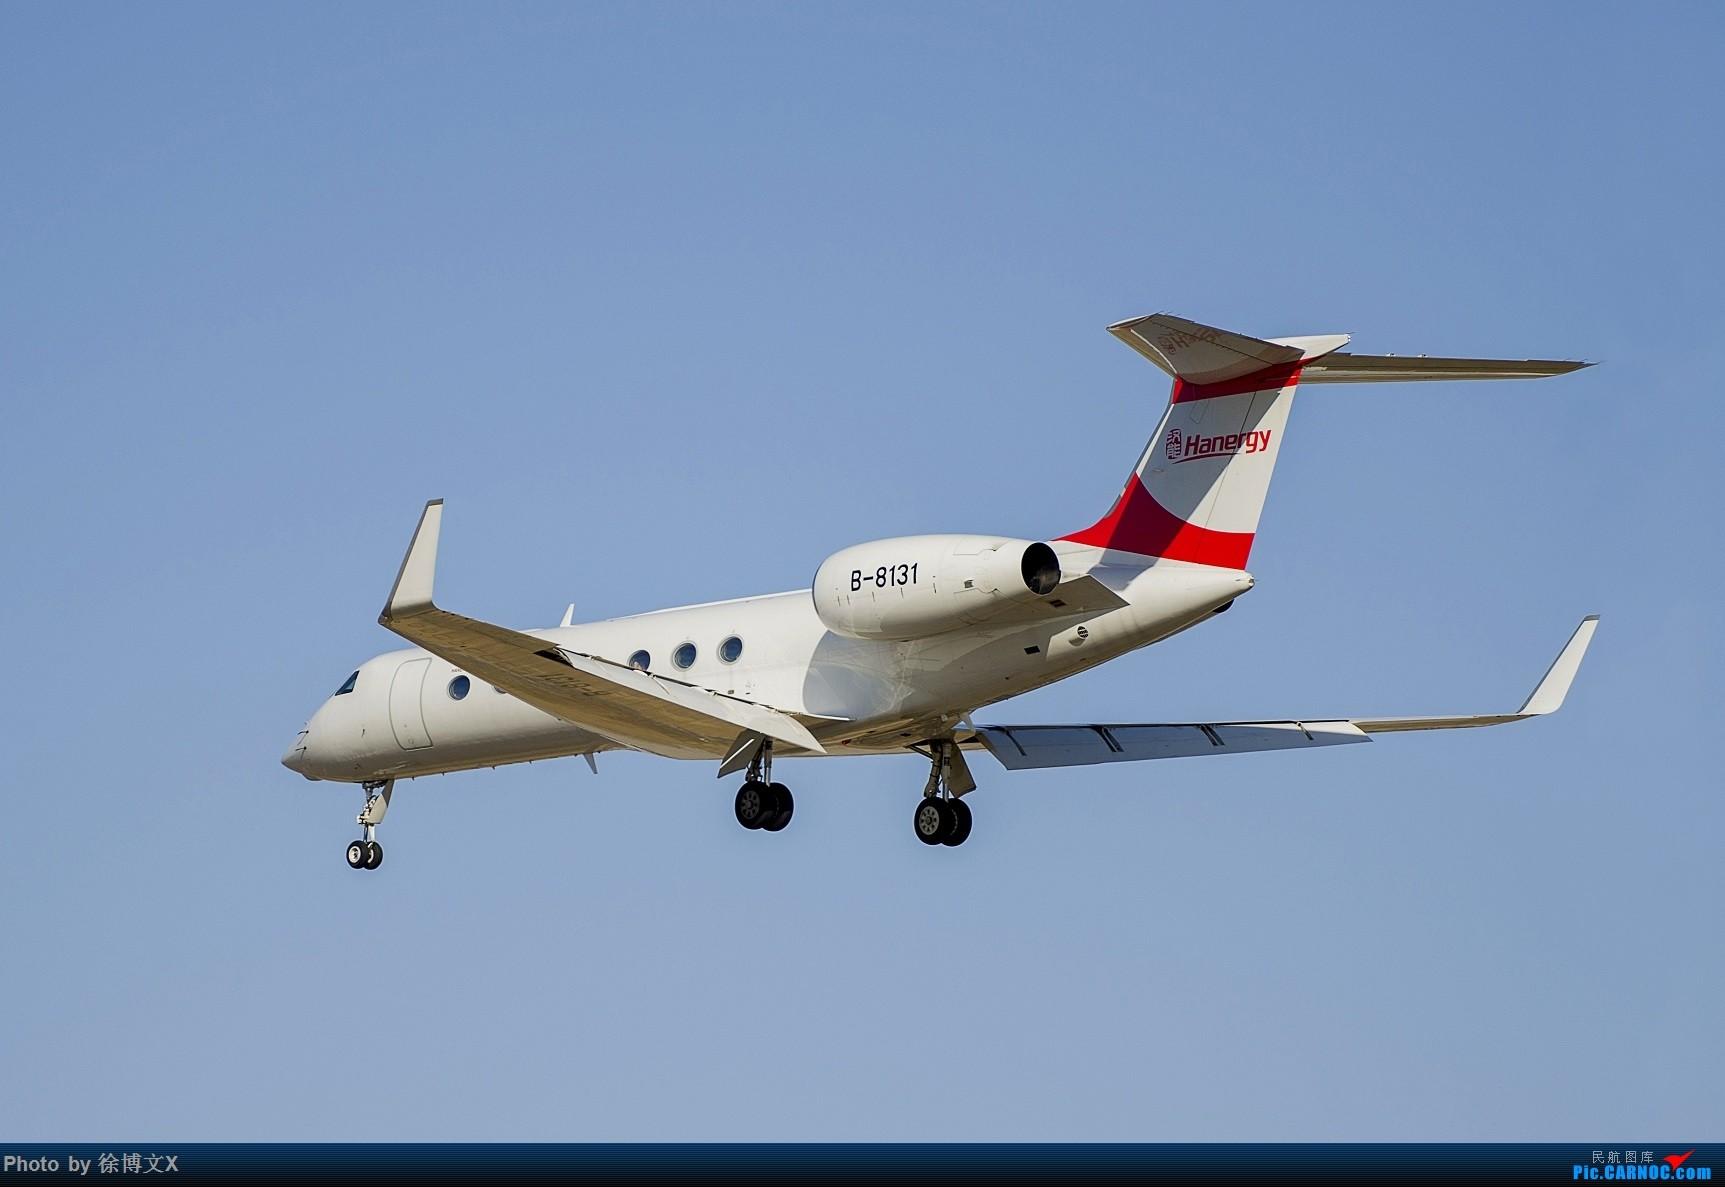 Re:[原创]公务机两图 GULFSTREAM G550 B-8131 中国北京首都国际机场